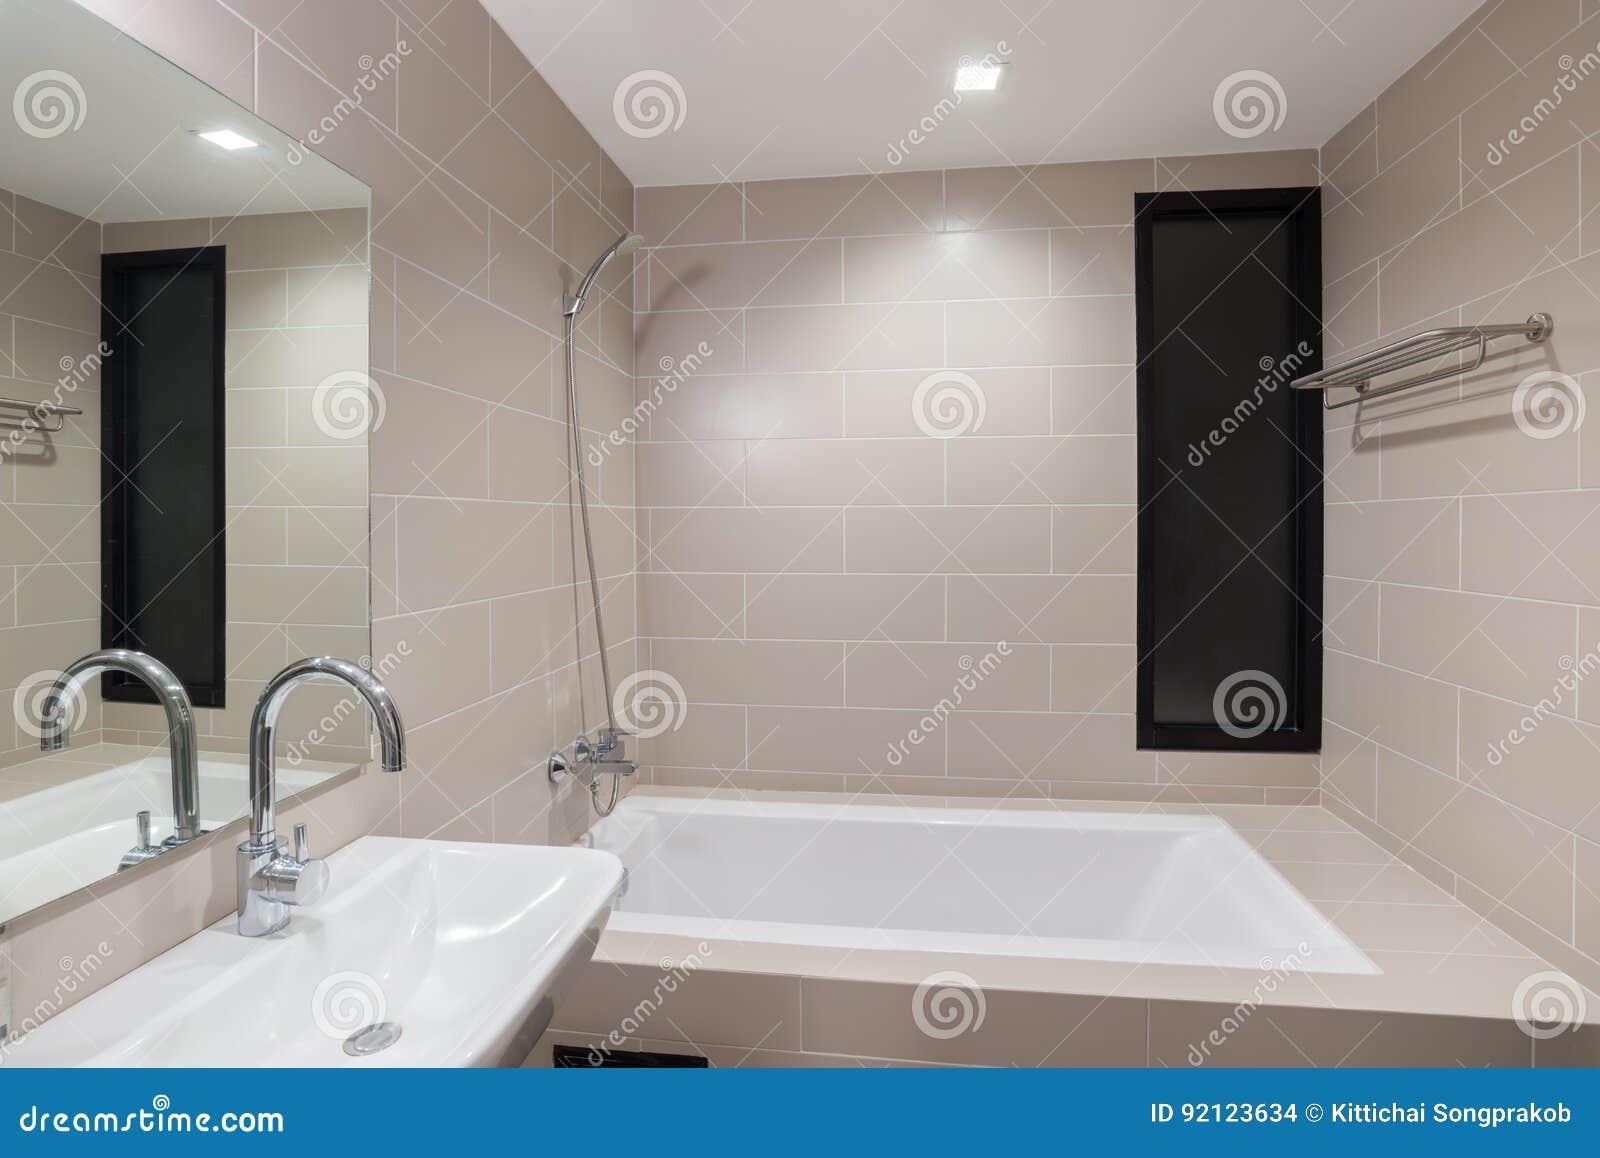 Bagni Con Doccia E Vasca Moderni : Piccolo bagno moderno con vetro opaco schermo doccia su vasca da